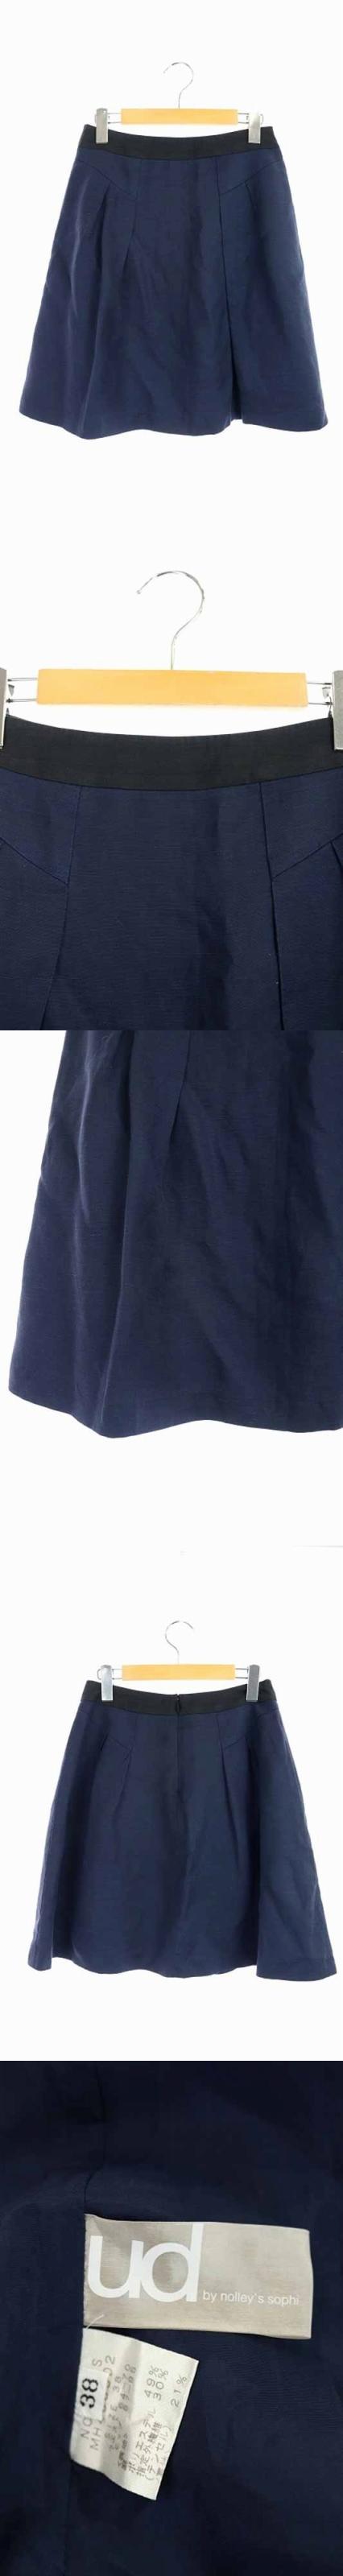 ユーディーバイノーリーズソフィー ud by nolley's sophi スカート ひざ丈 フレア リネン混 麻混 38 紺 ネイビー /RM ■OS